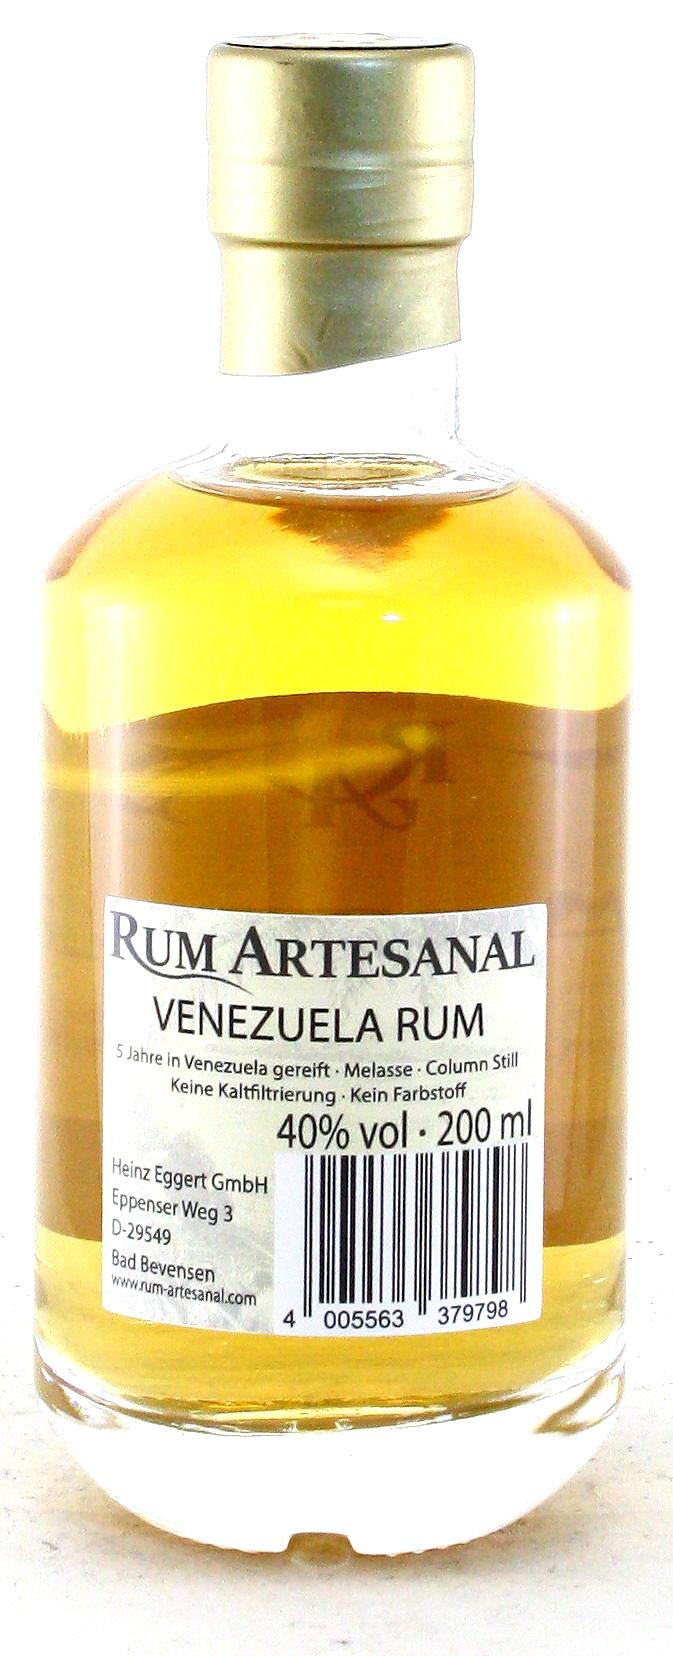 200 ml Ron de Venezuela, Rum Artesanal Venezuela